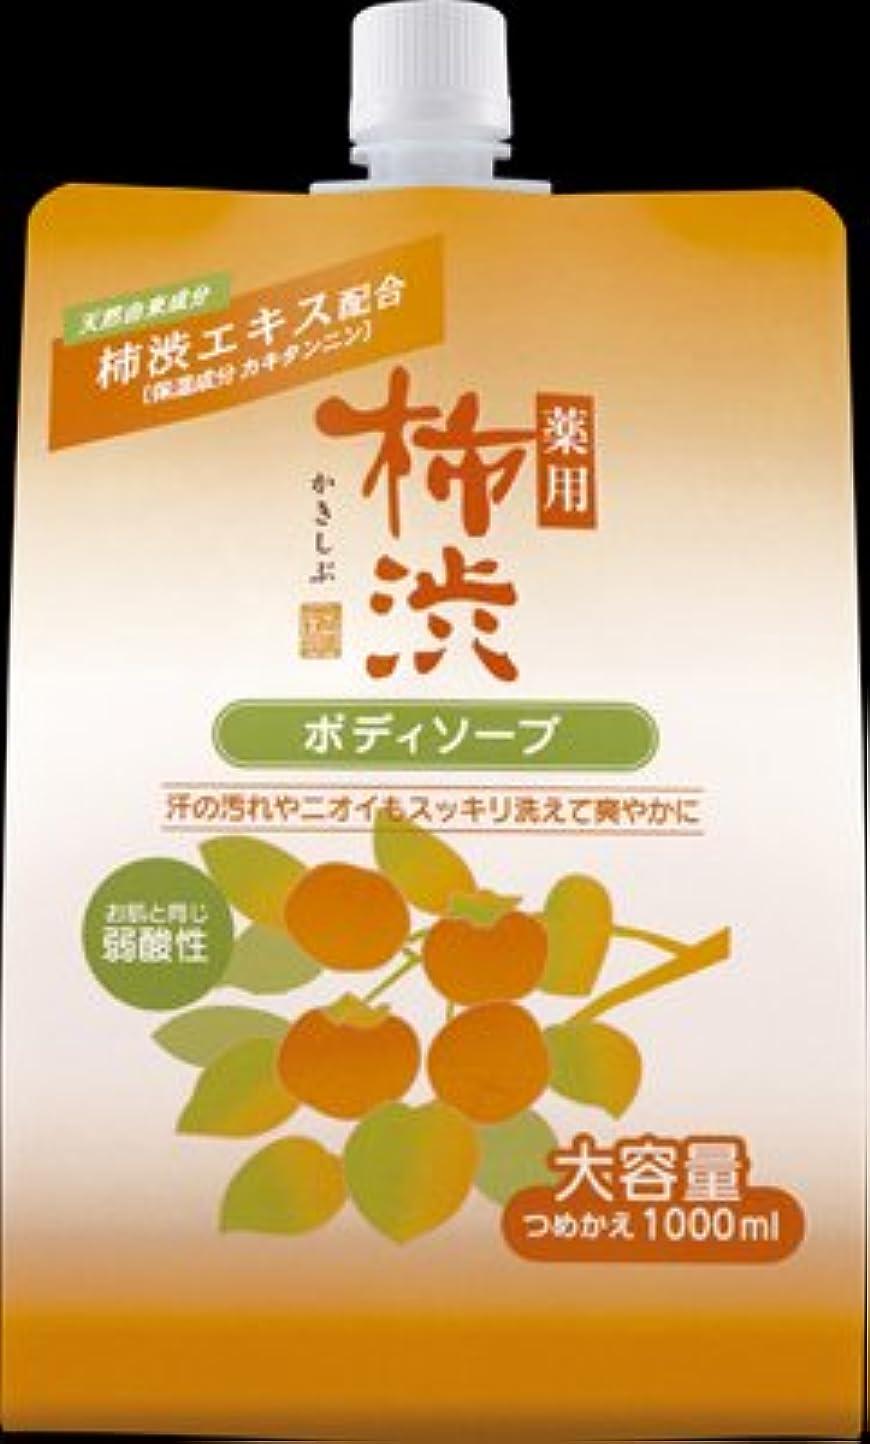 同級生言い訳コンチネンタル熊野油脂 薬用柿渋ボディソープ 1000ML つめかえ用×10点セット